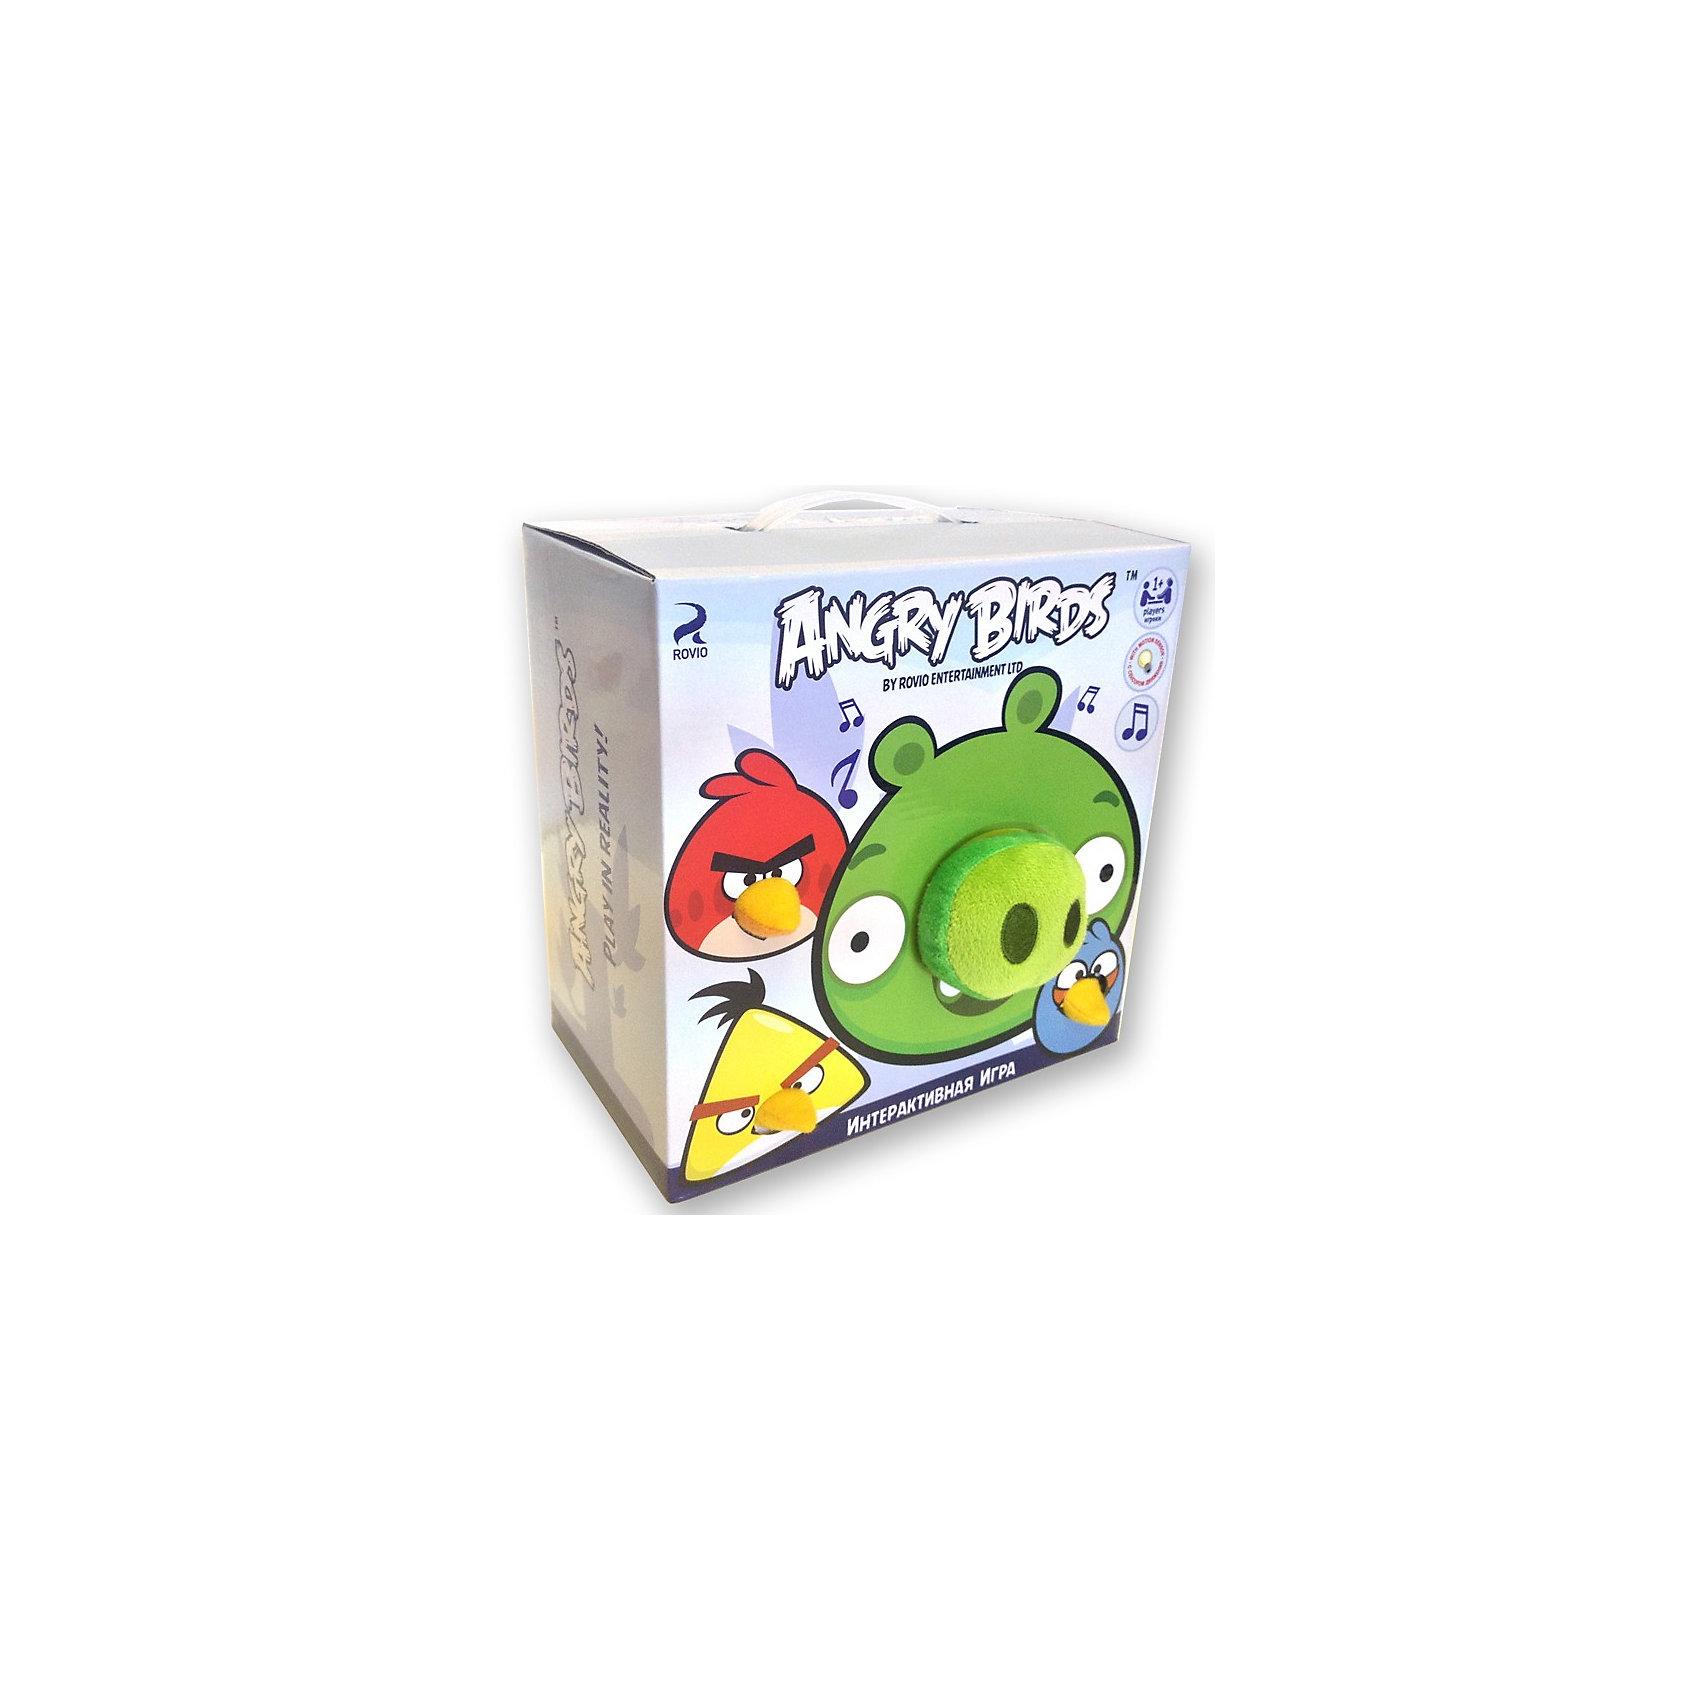 - Интерактивная игра Свинка с 3 птичками, Angry Birds интерактивная игра свинка с 3 птичками angry birds